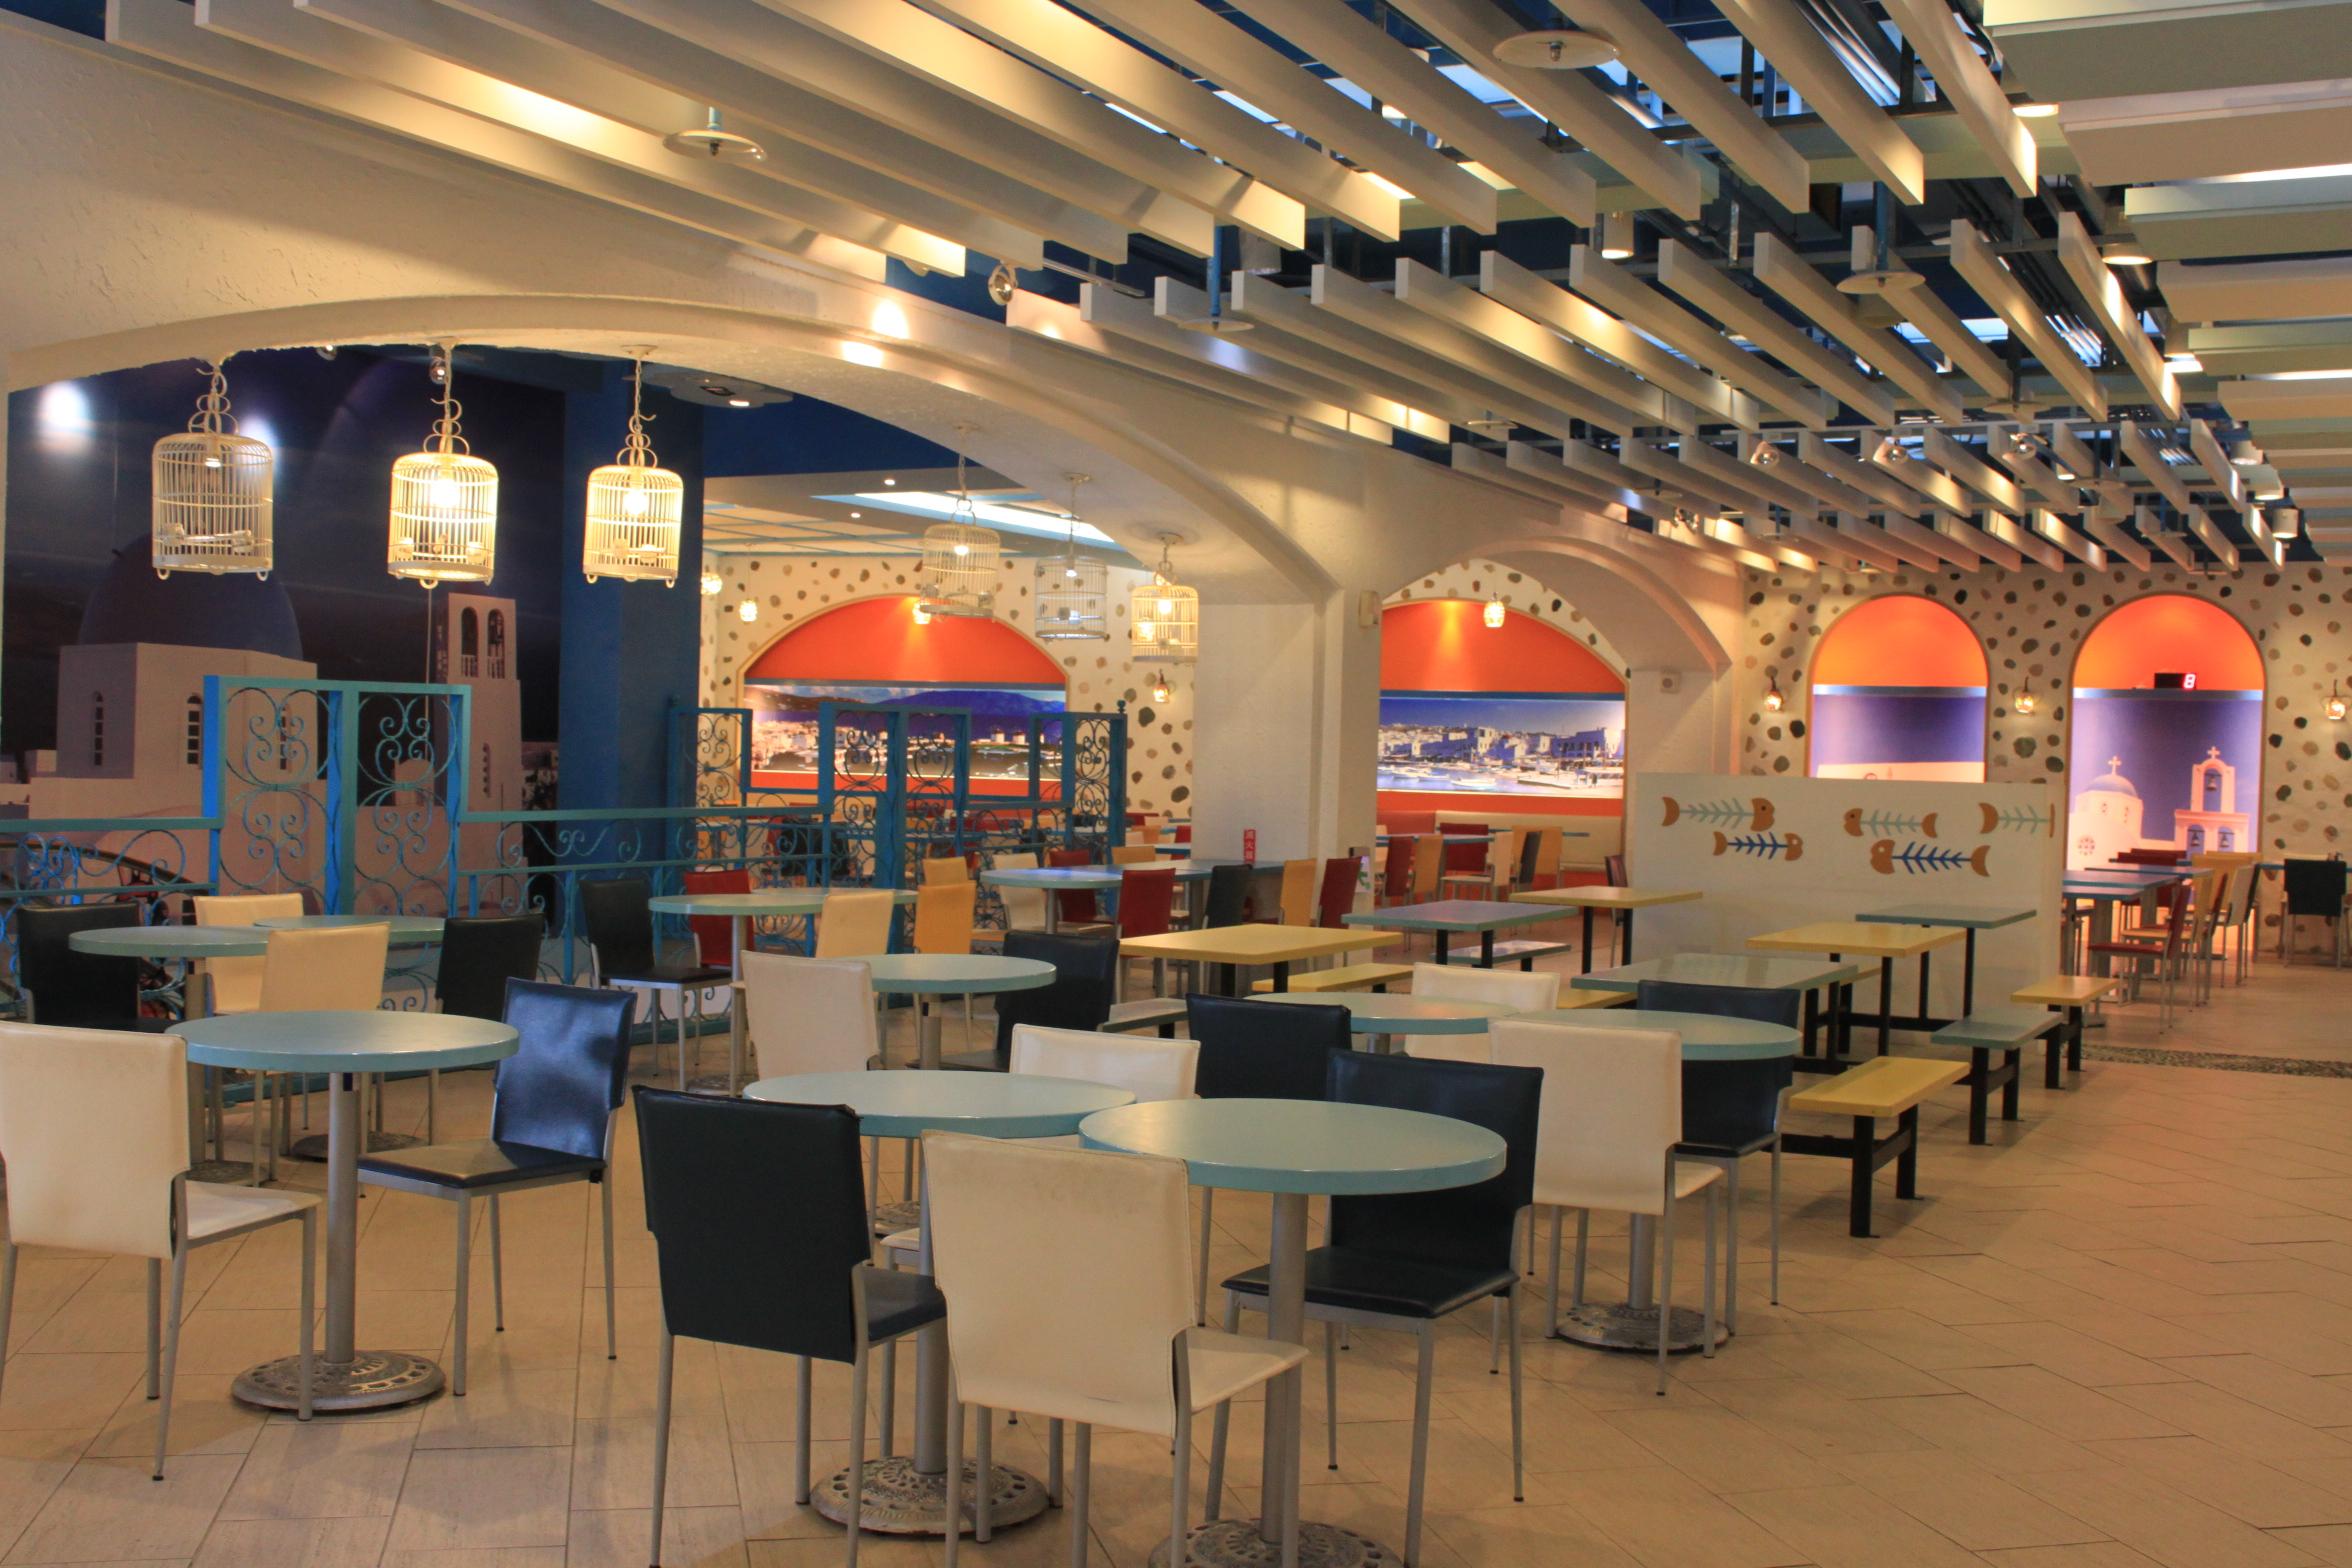 Khu vực ăn uống sạch sẽ, phục vụ chuyên nghiệp sẽ khiến du khách hài lòng